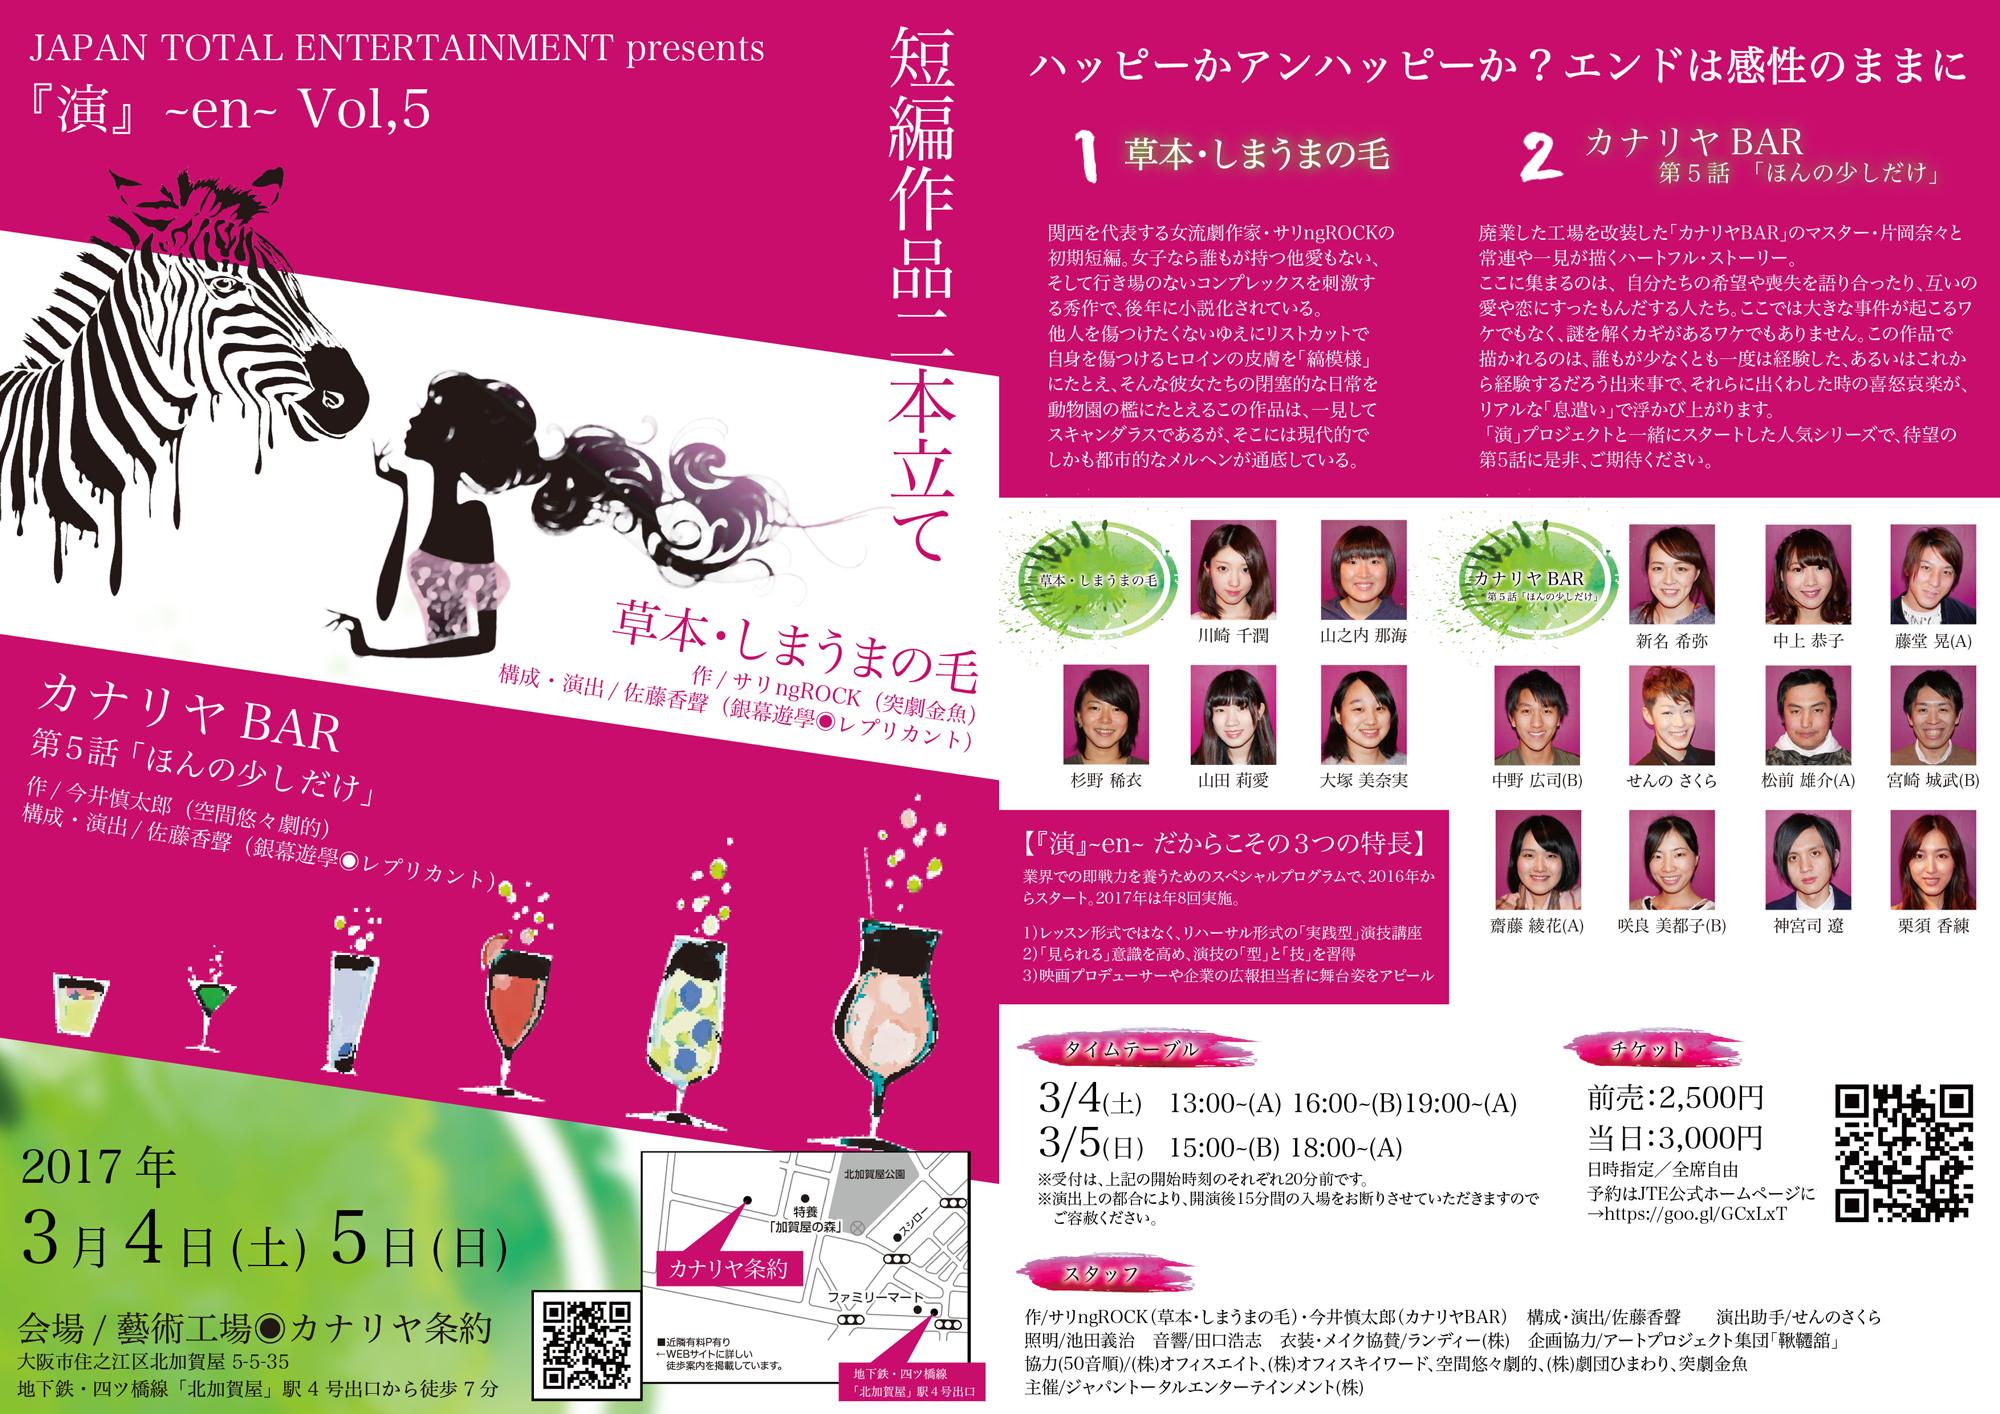 【5名出演】『演』~en~ Vol,5 「草本・しまうまの毛」「カナリヤBAR 第5話」